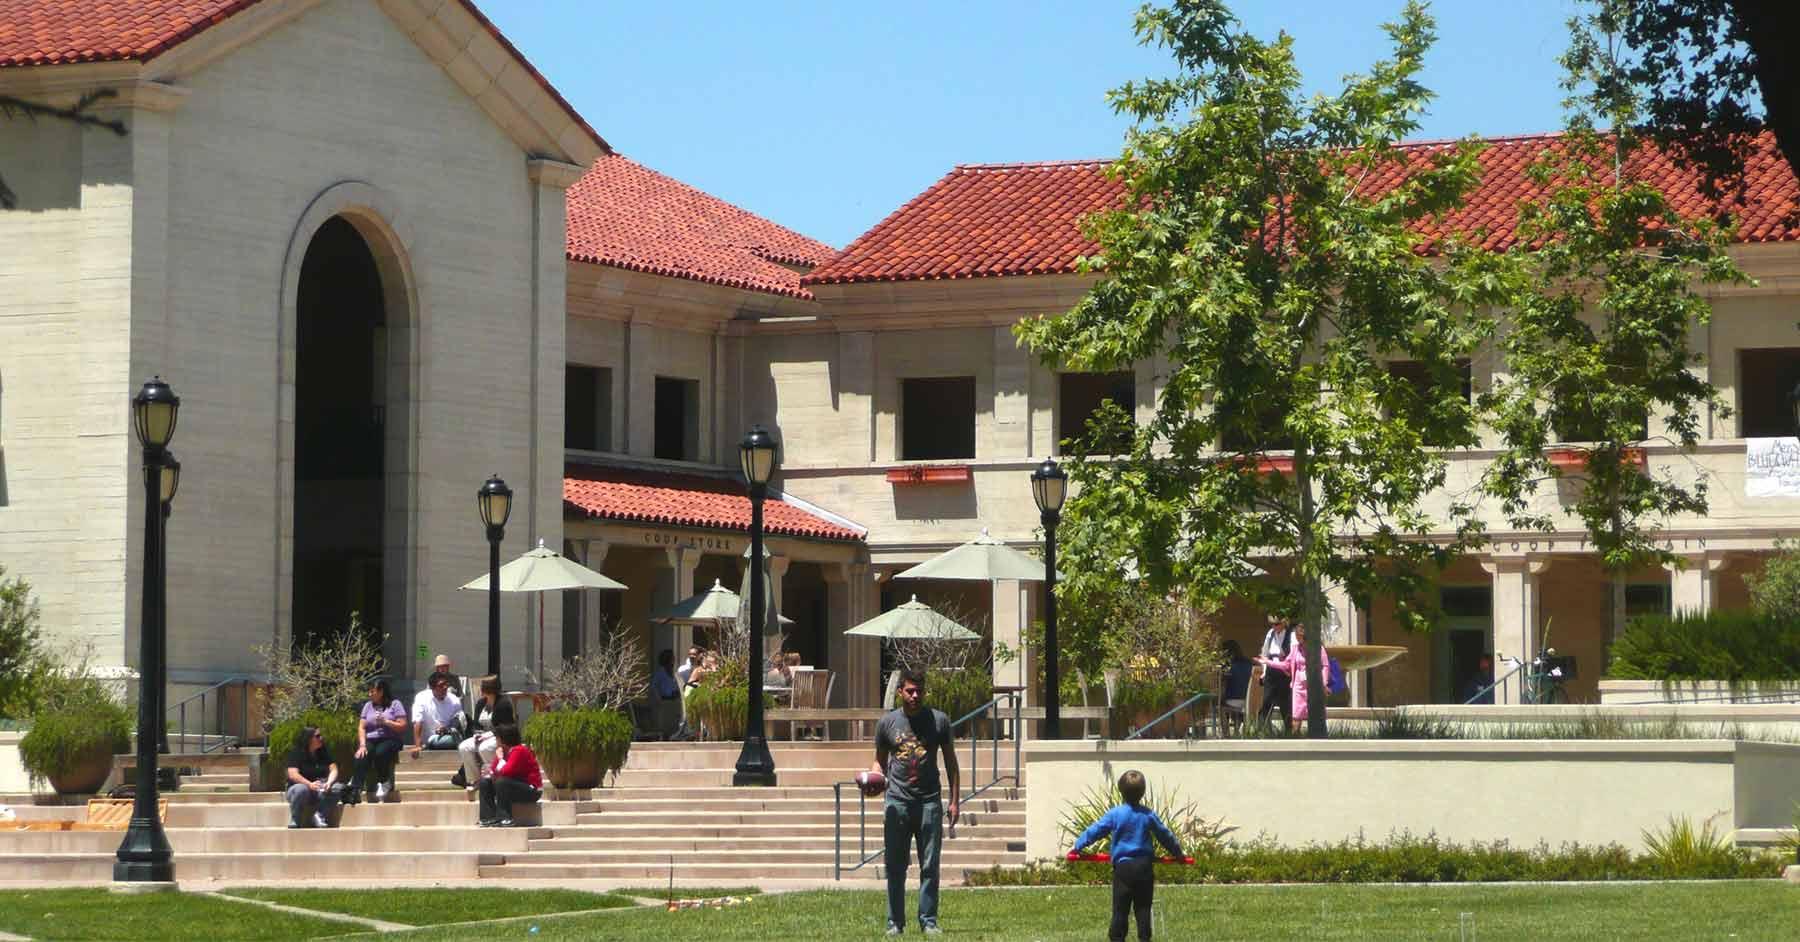 Pomona College - Niche